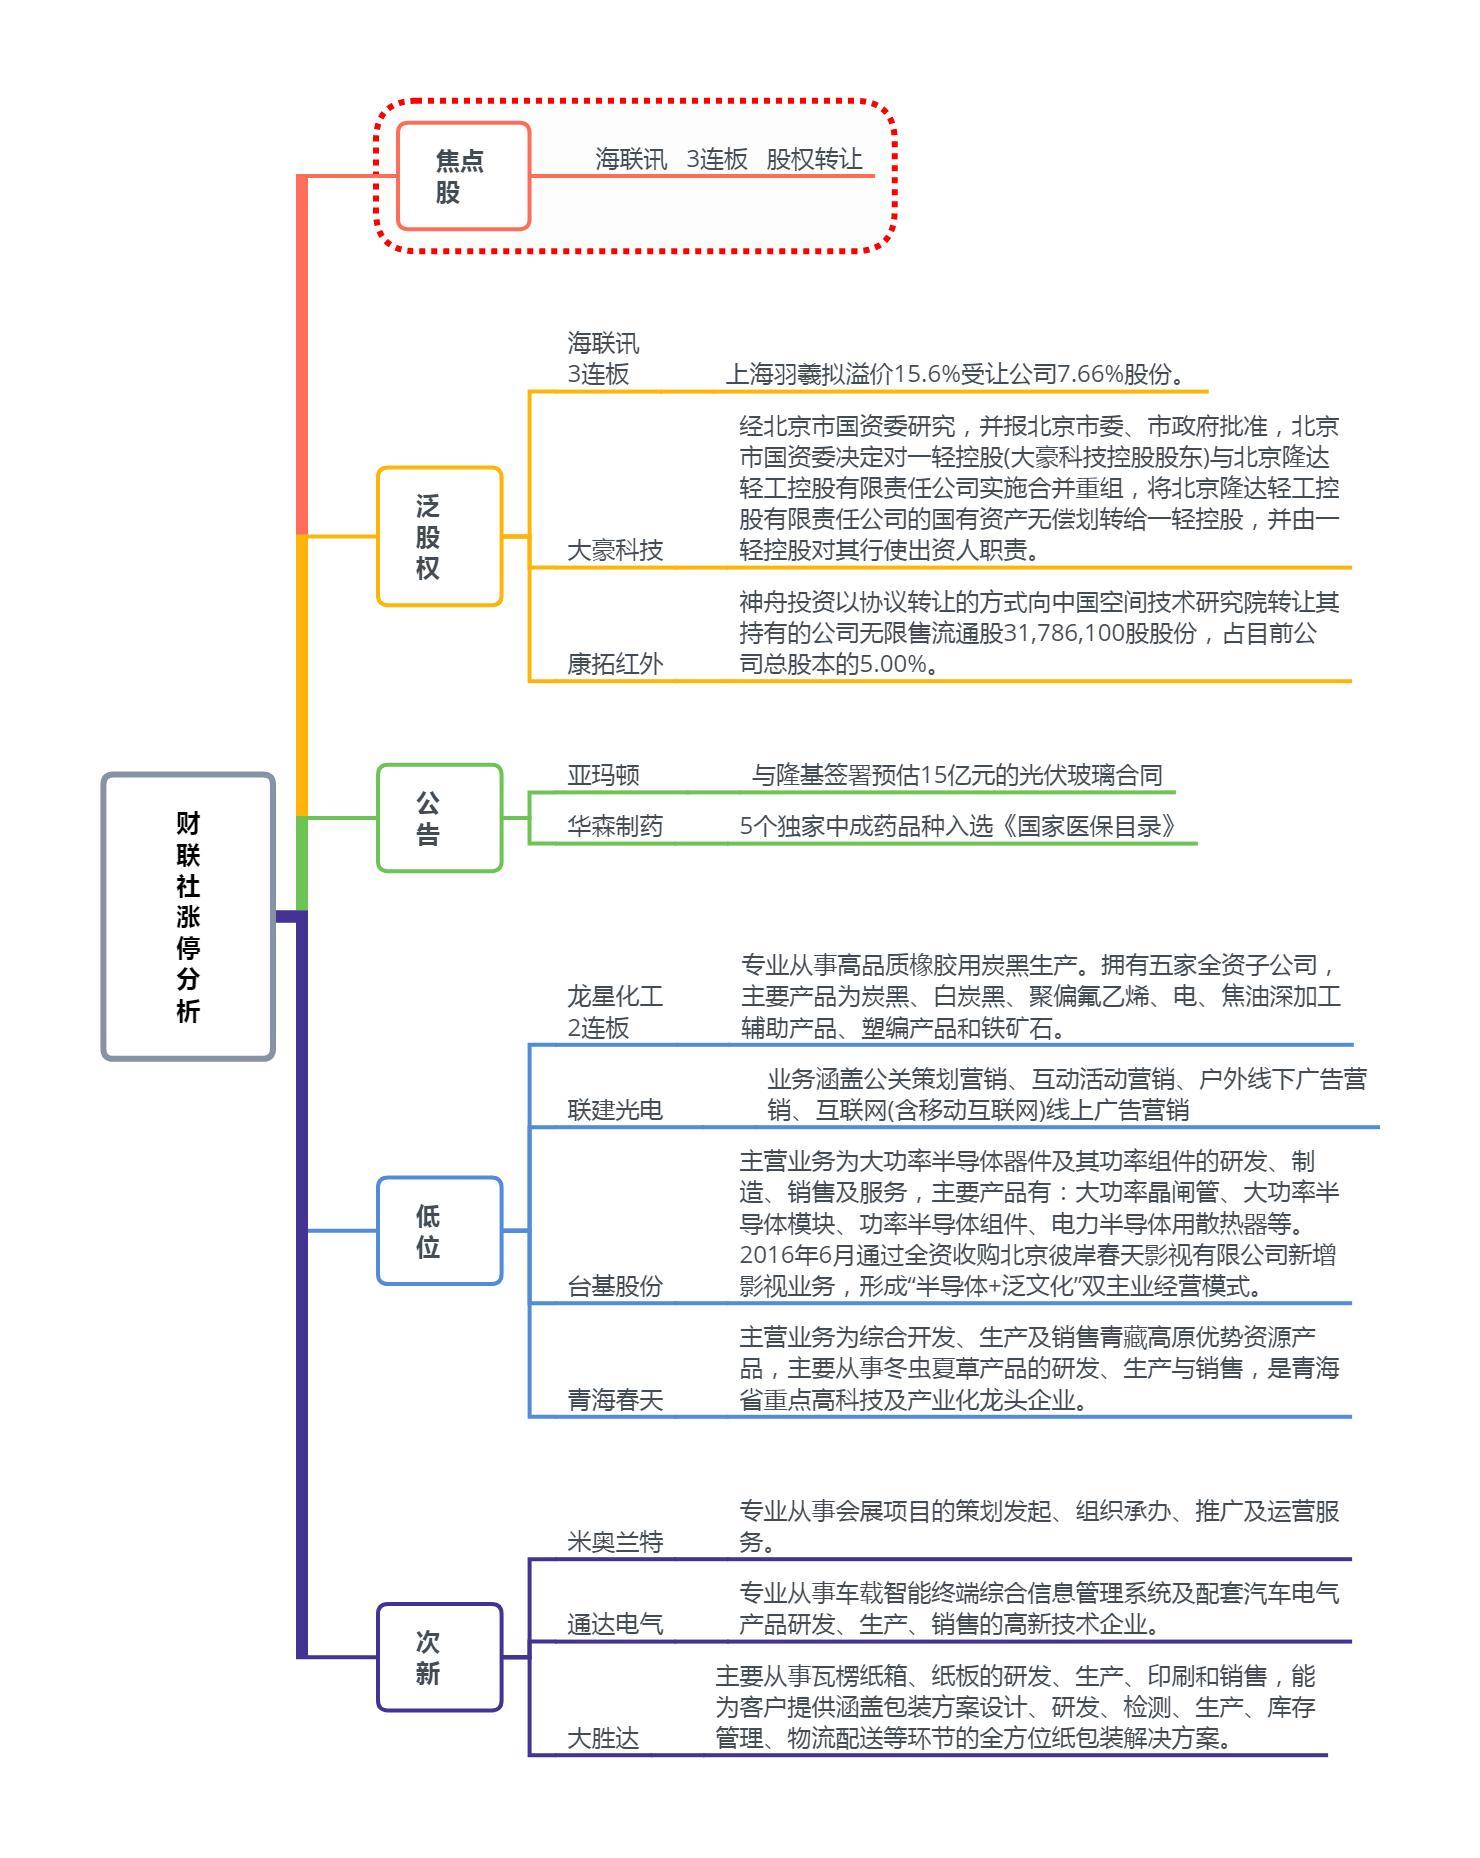 【财联社午报】机构投资者加速调仓 高位白马股遭抛售